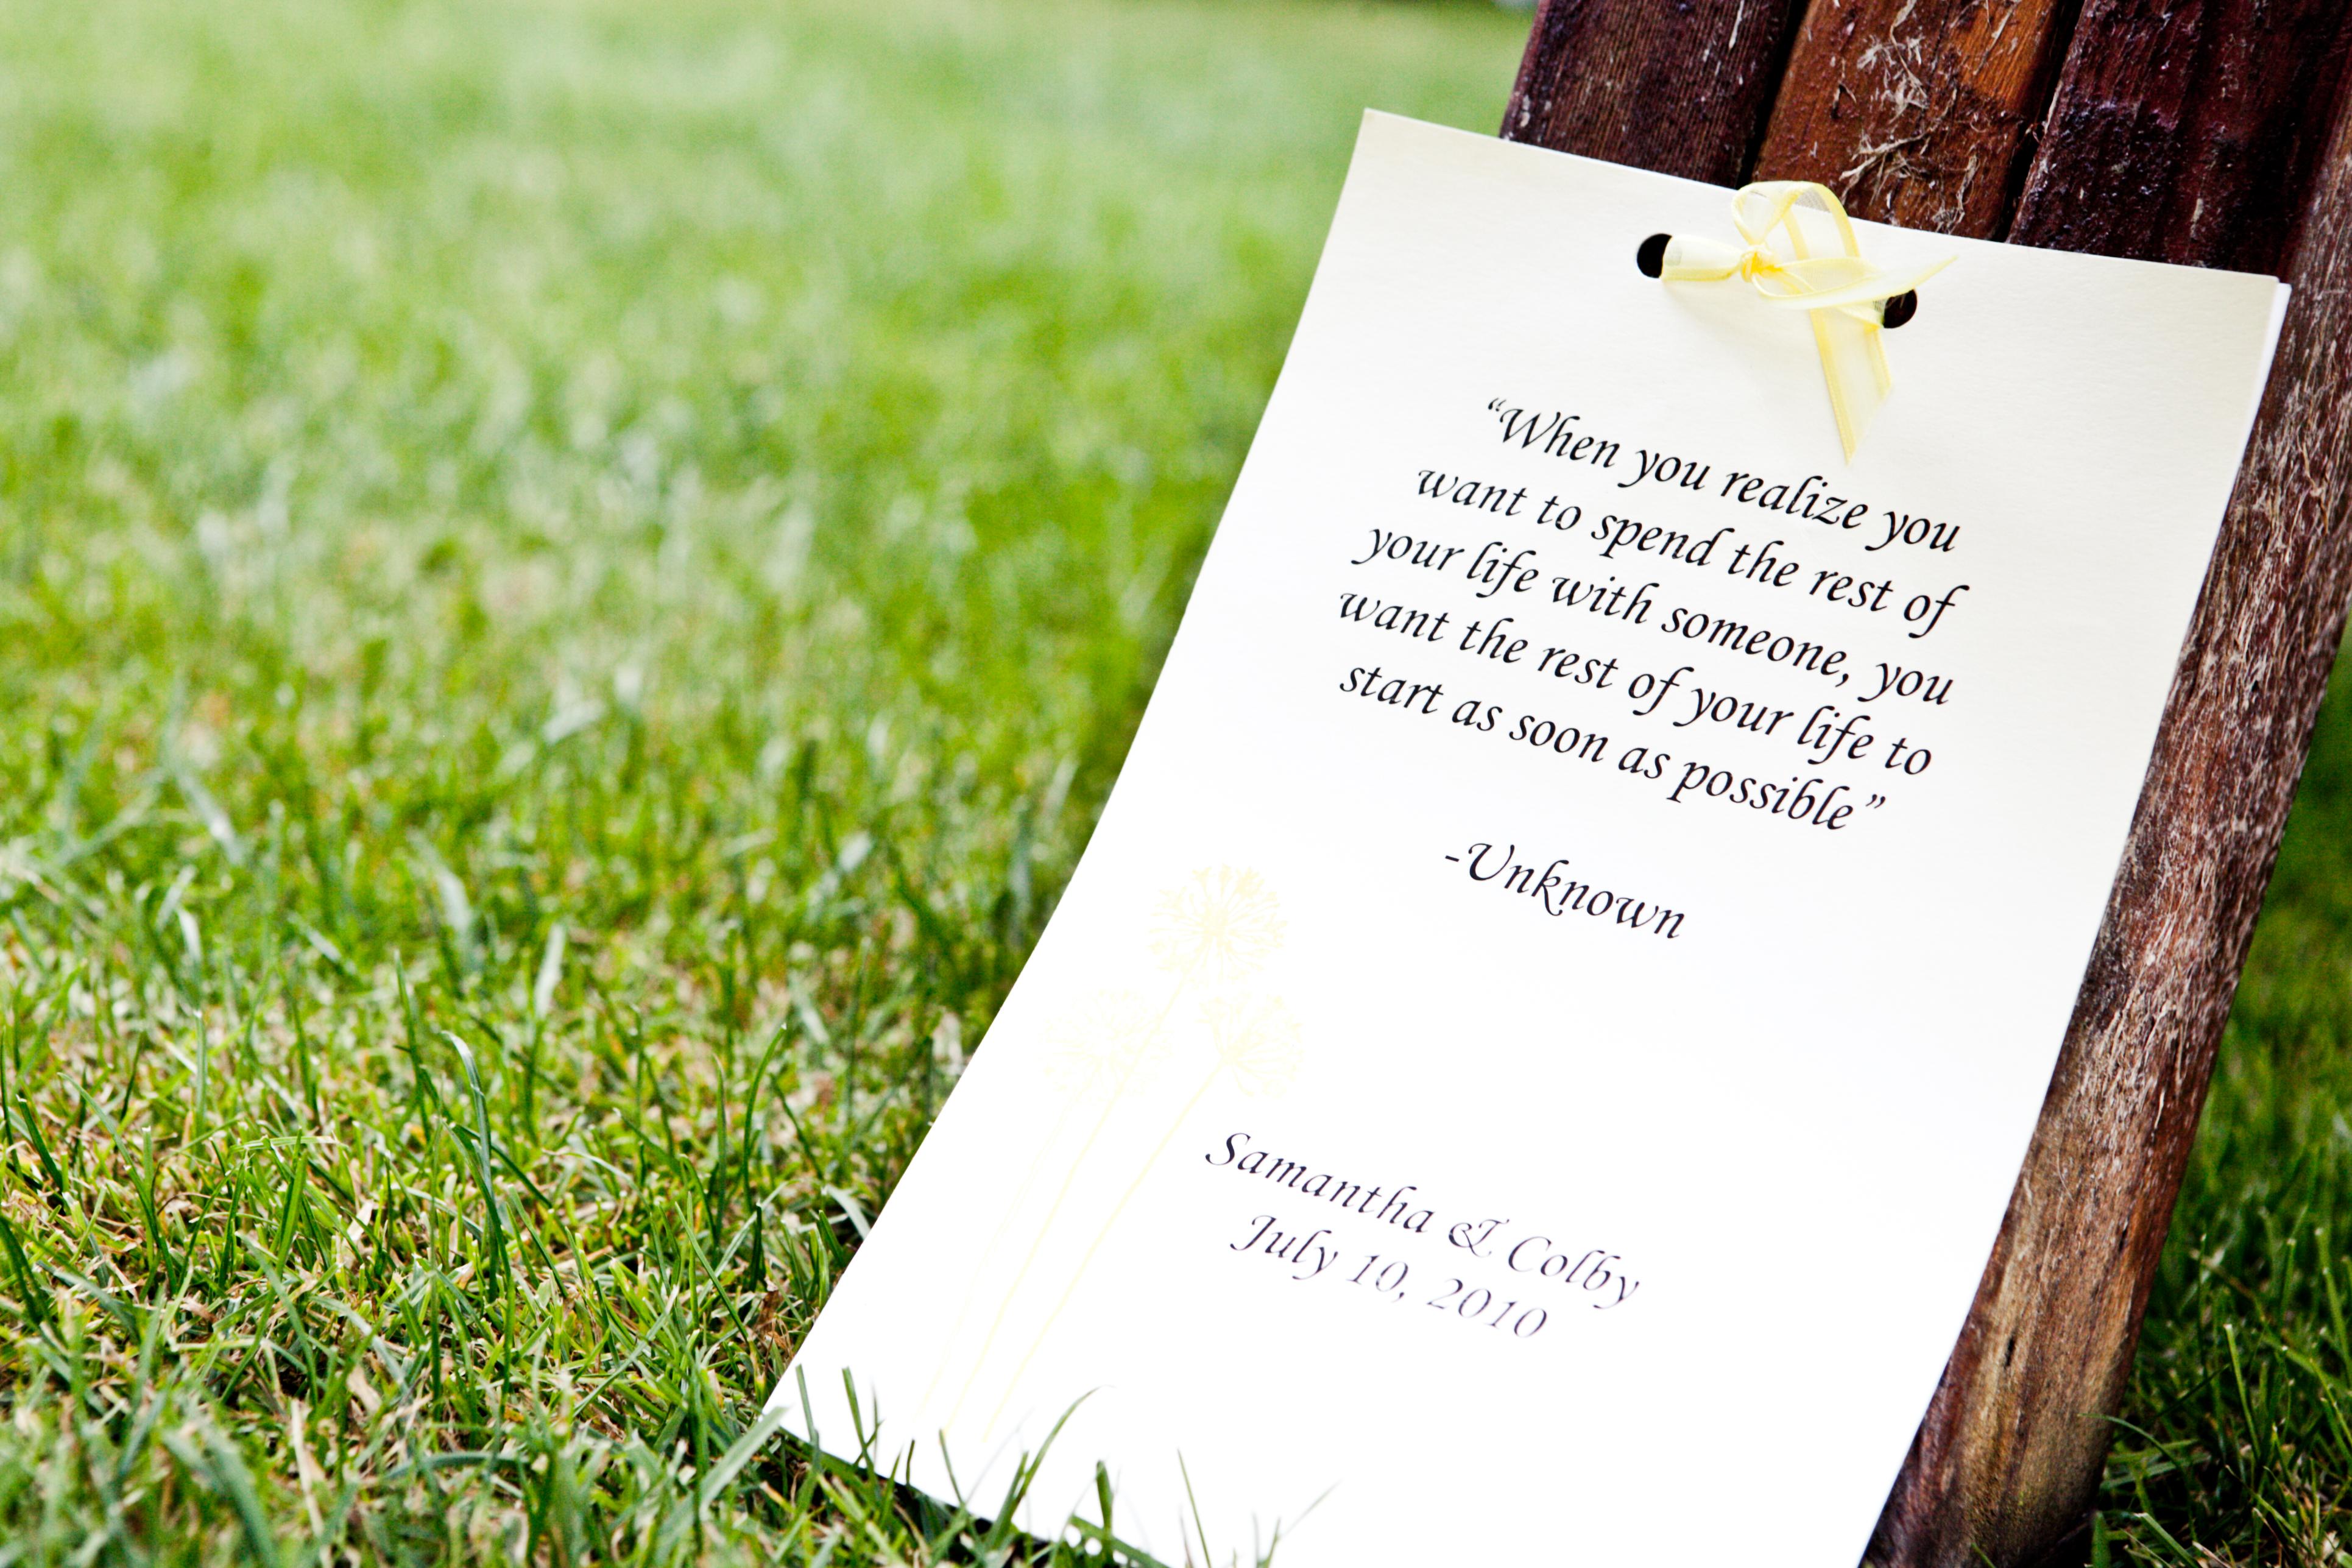 Romantic Quote On Outdoor Wedding Ceremony Programs